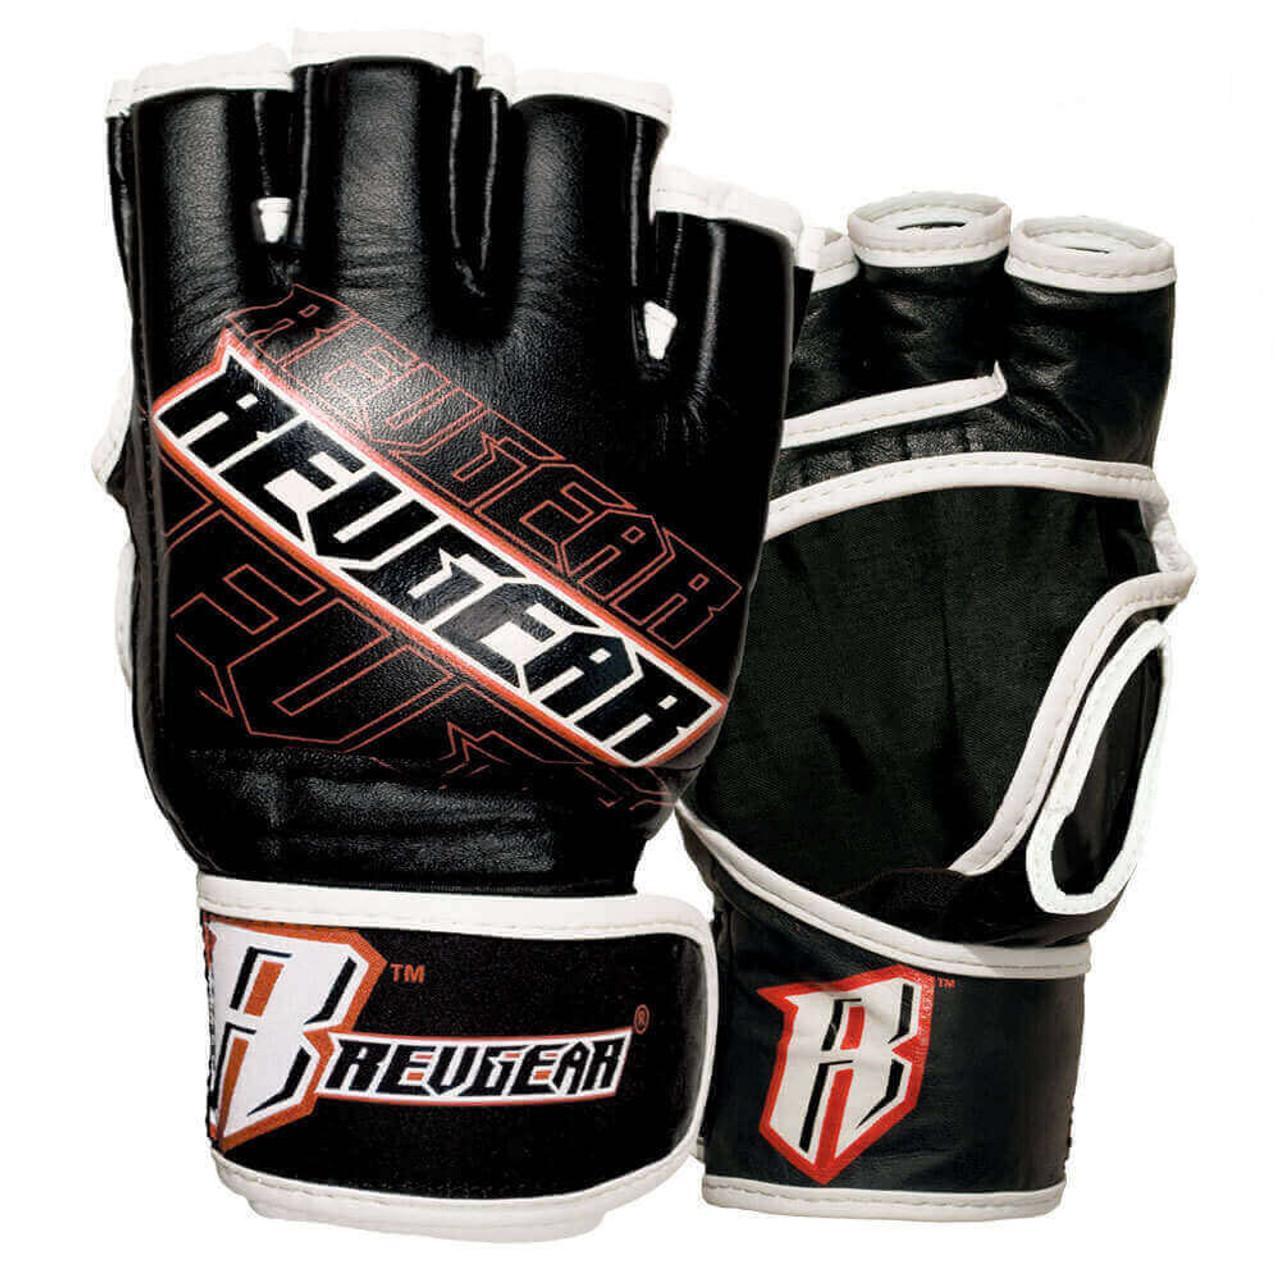 Cagemaster MMA Gloves